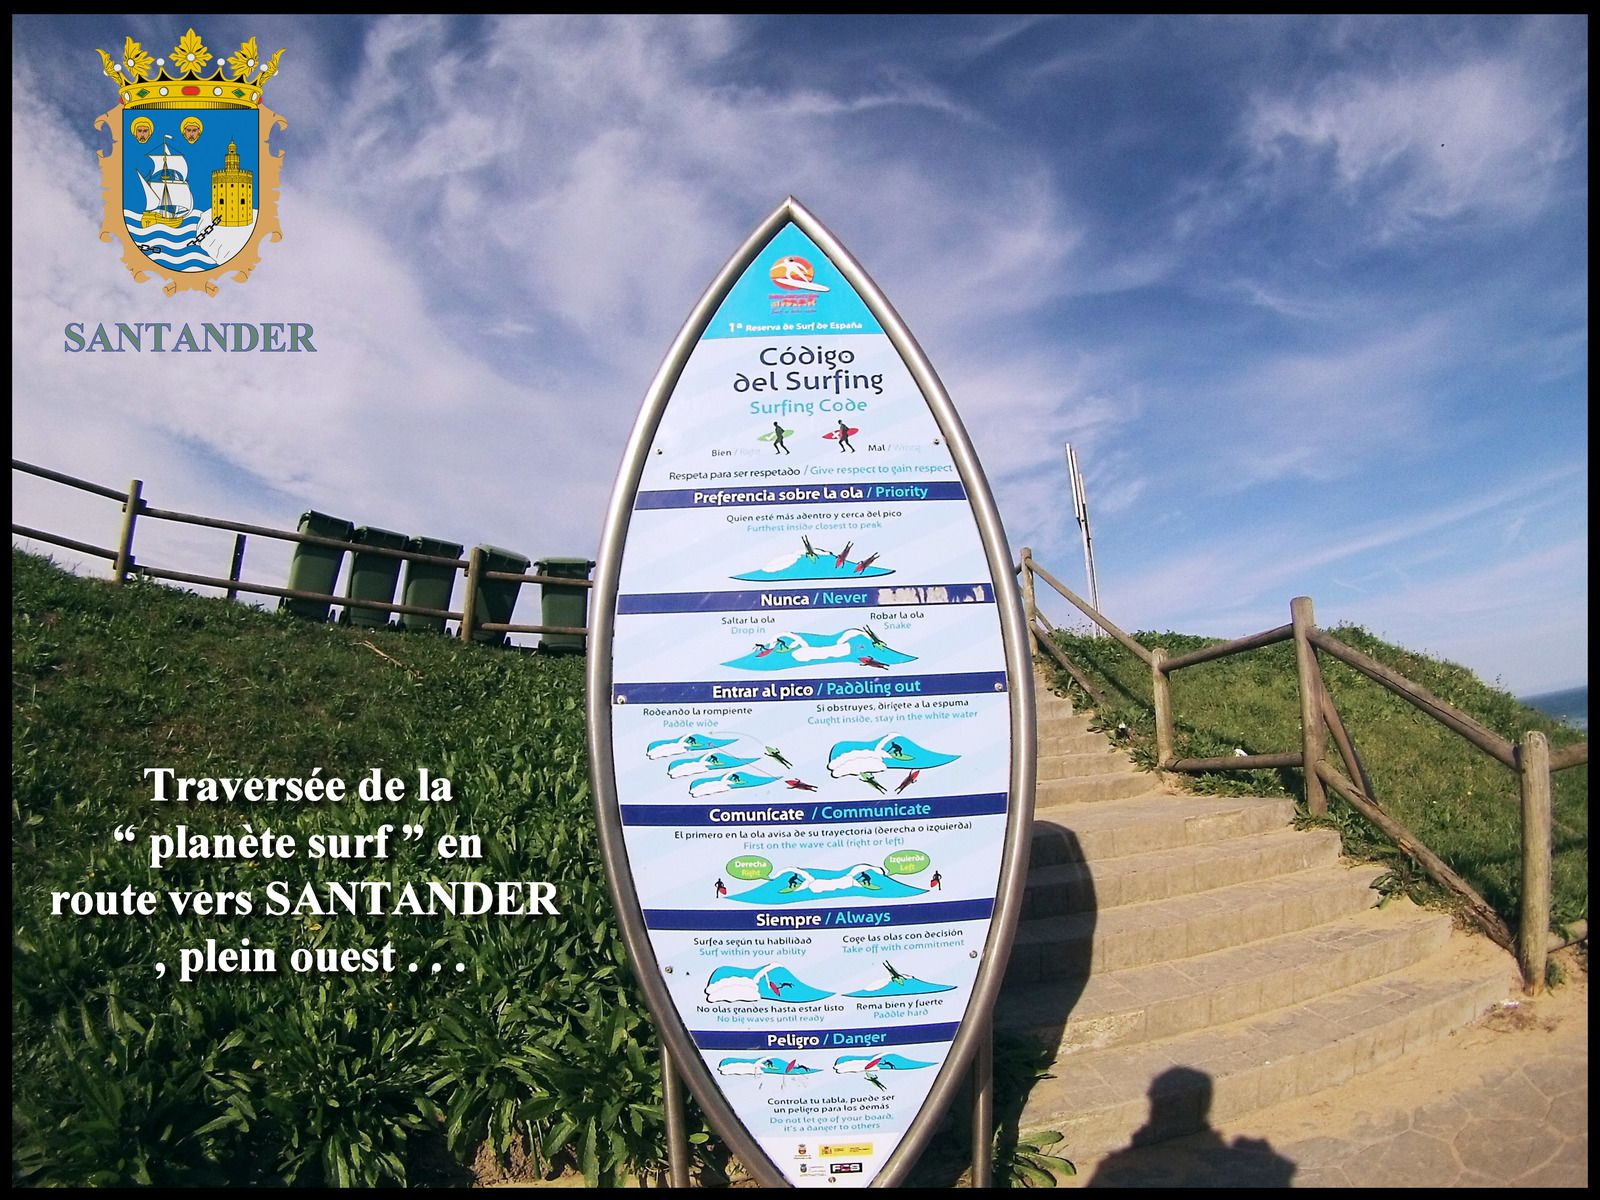 la planète surf à Santander - CHEMIN CÔTIER - goelandmedia.prodàgmail.com (c)